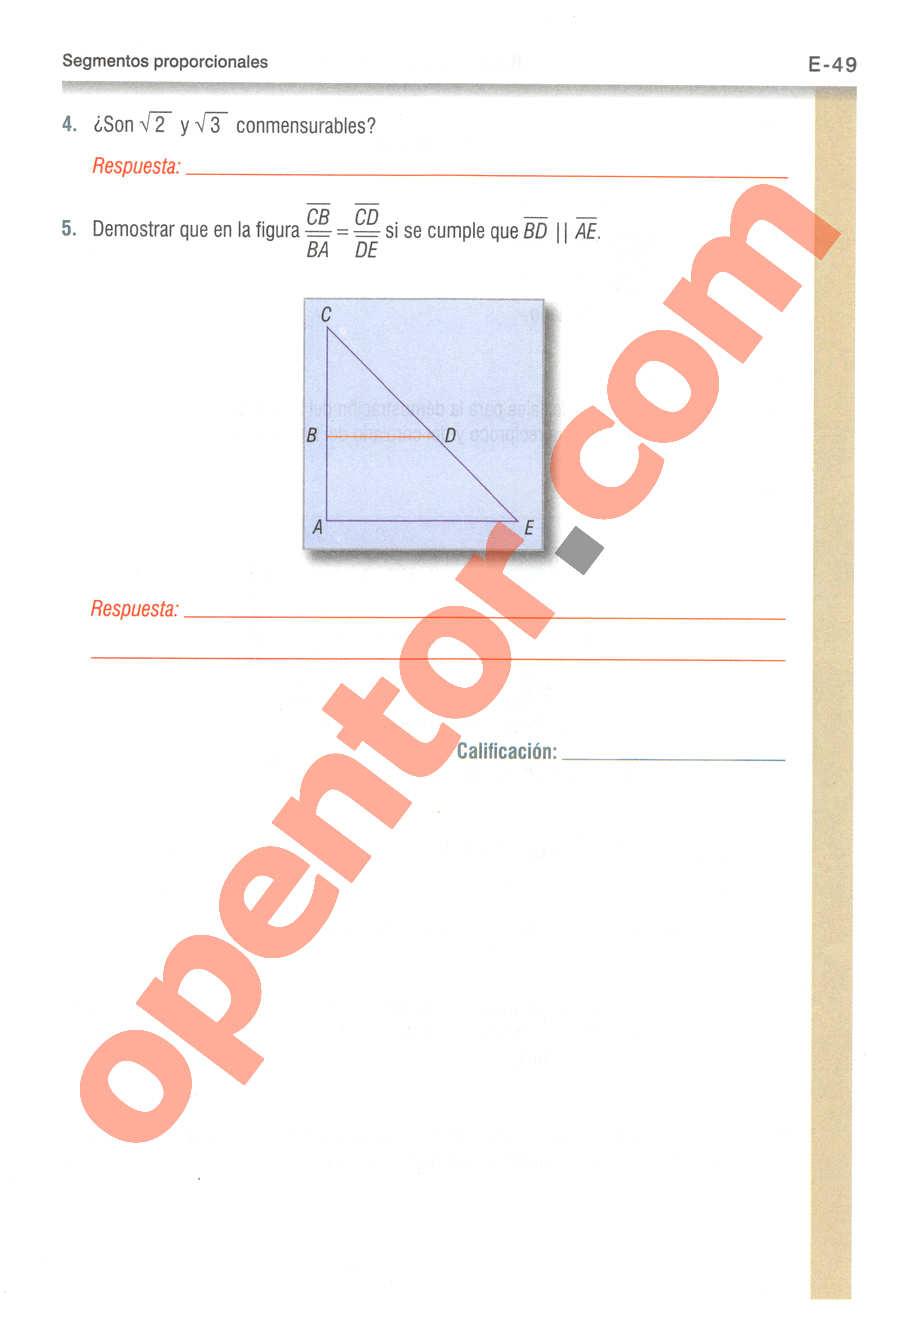 Geometría y Trigonometría de Baldor - Página E49